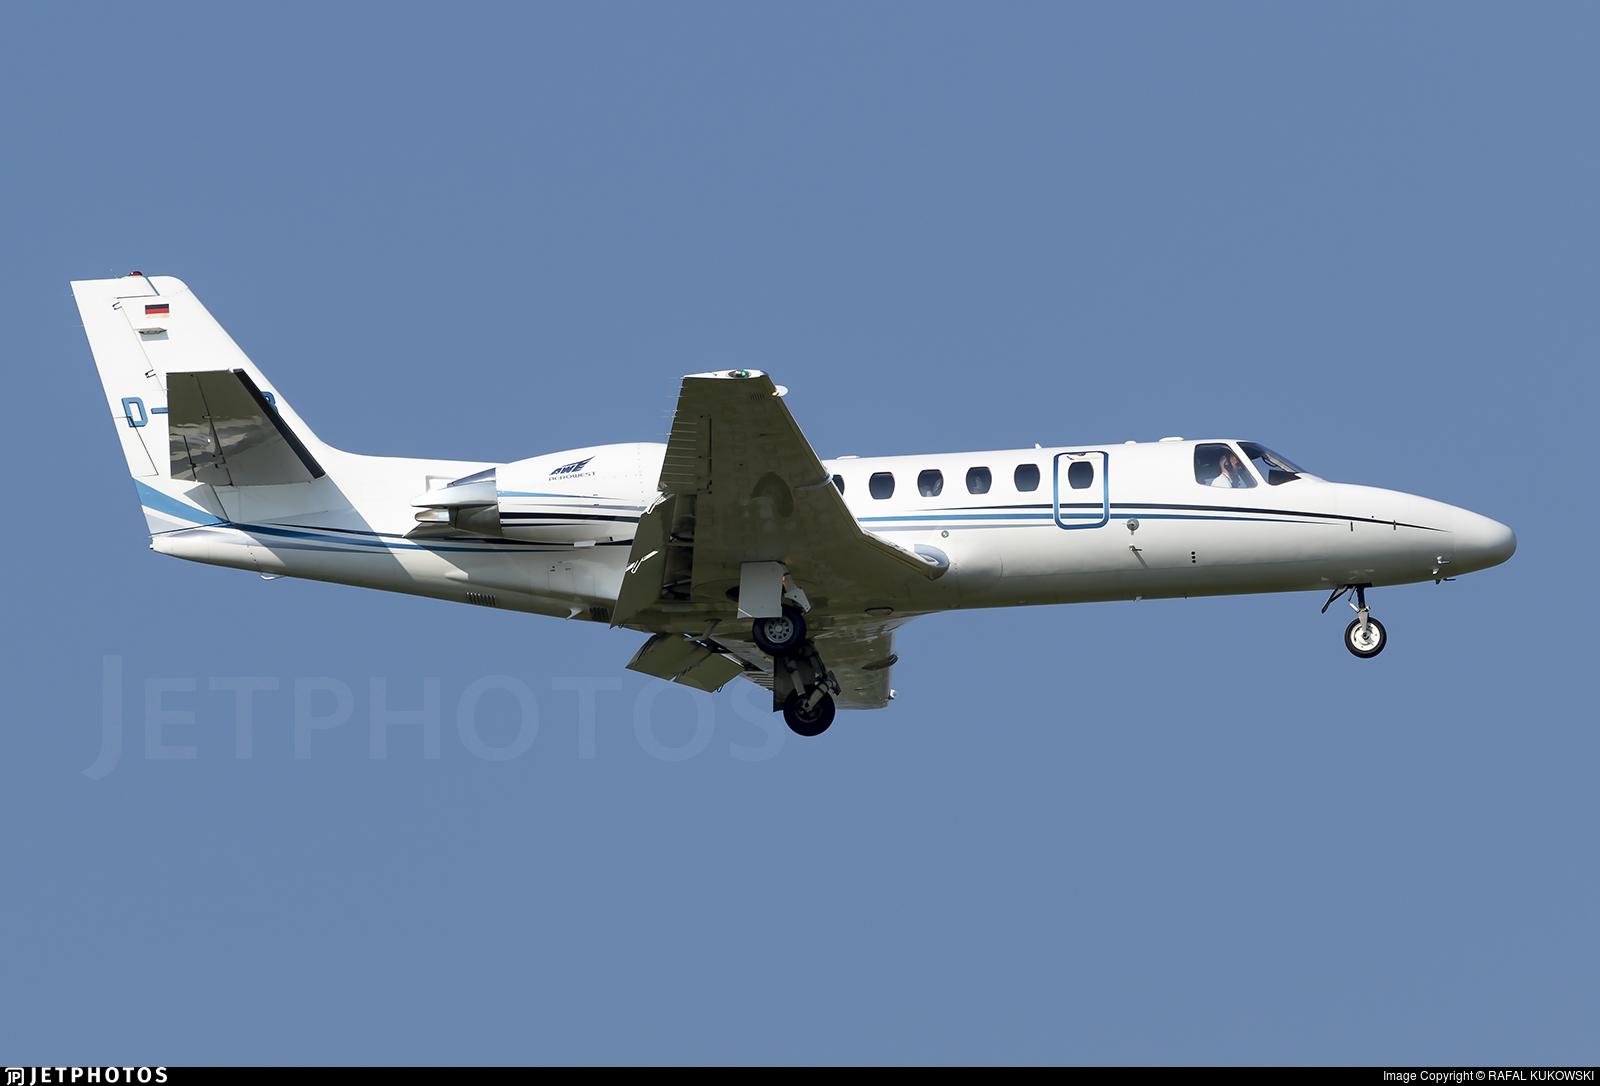 D-CAPB - Cessna 560 Citation Encore - Aerowest Flugcharter